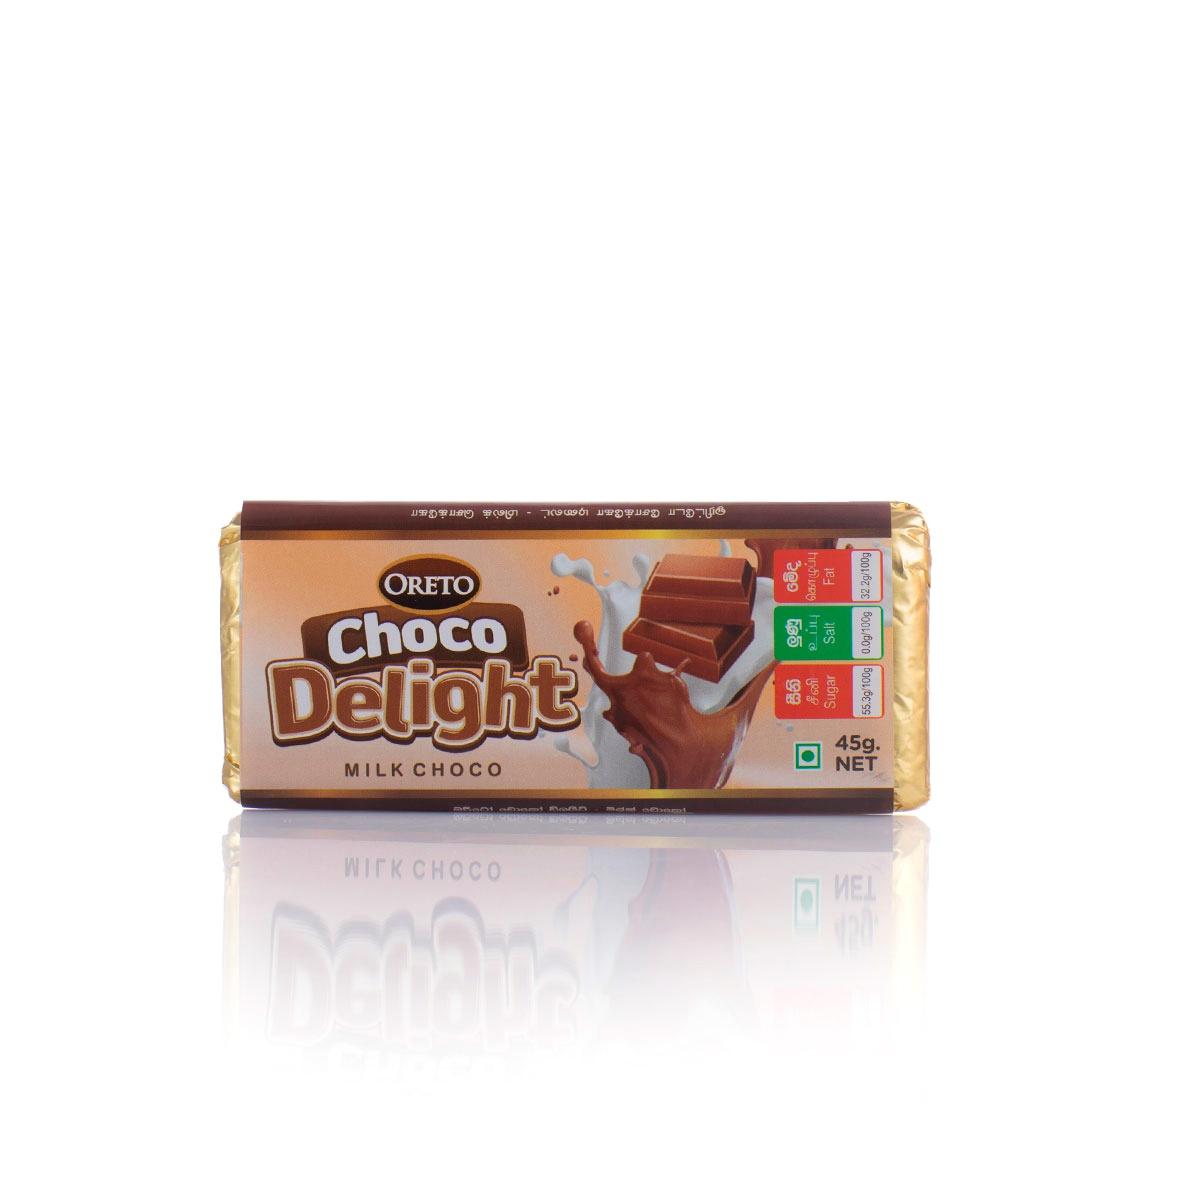 Oreto Choco Delight Chocolate 45G - in Sri Lanka